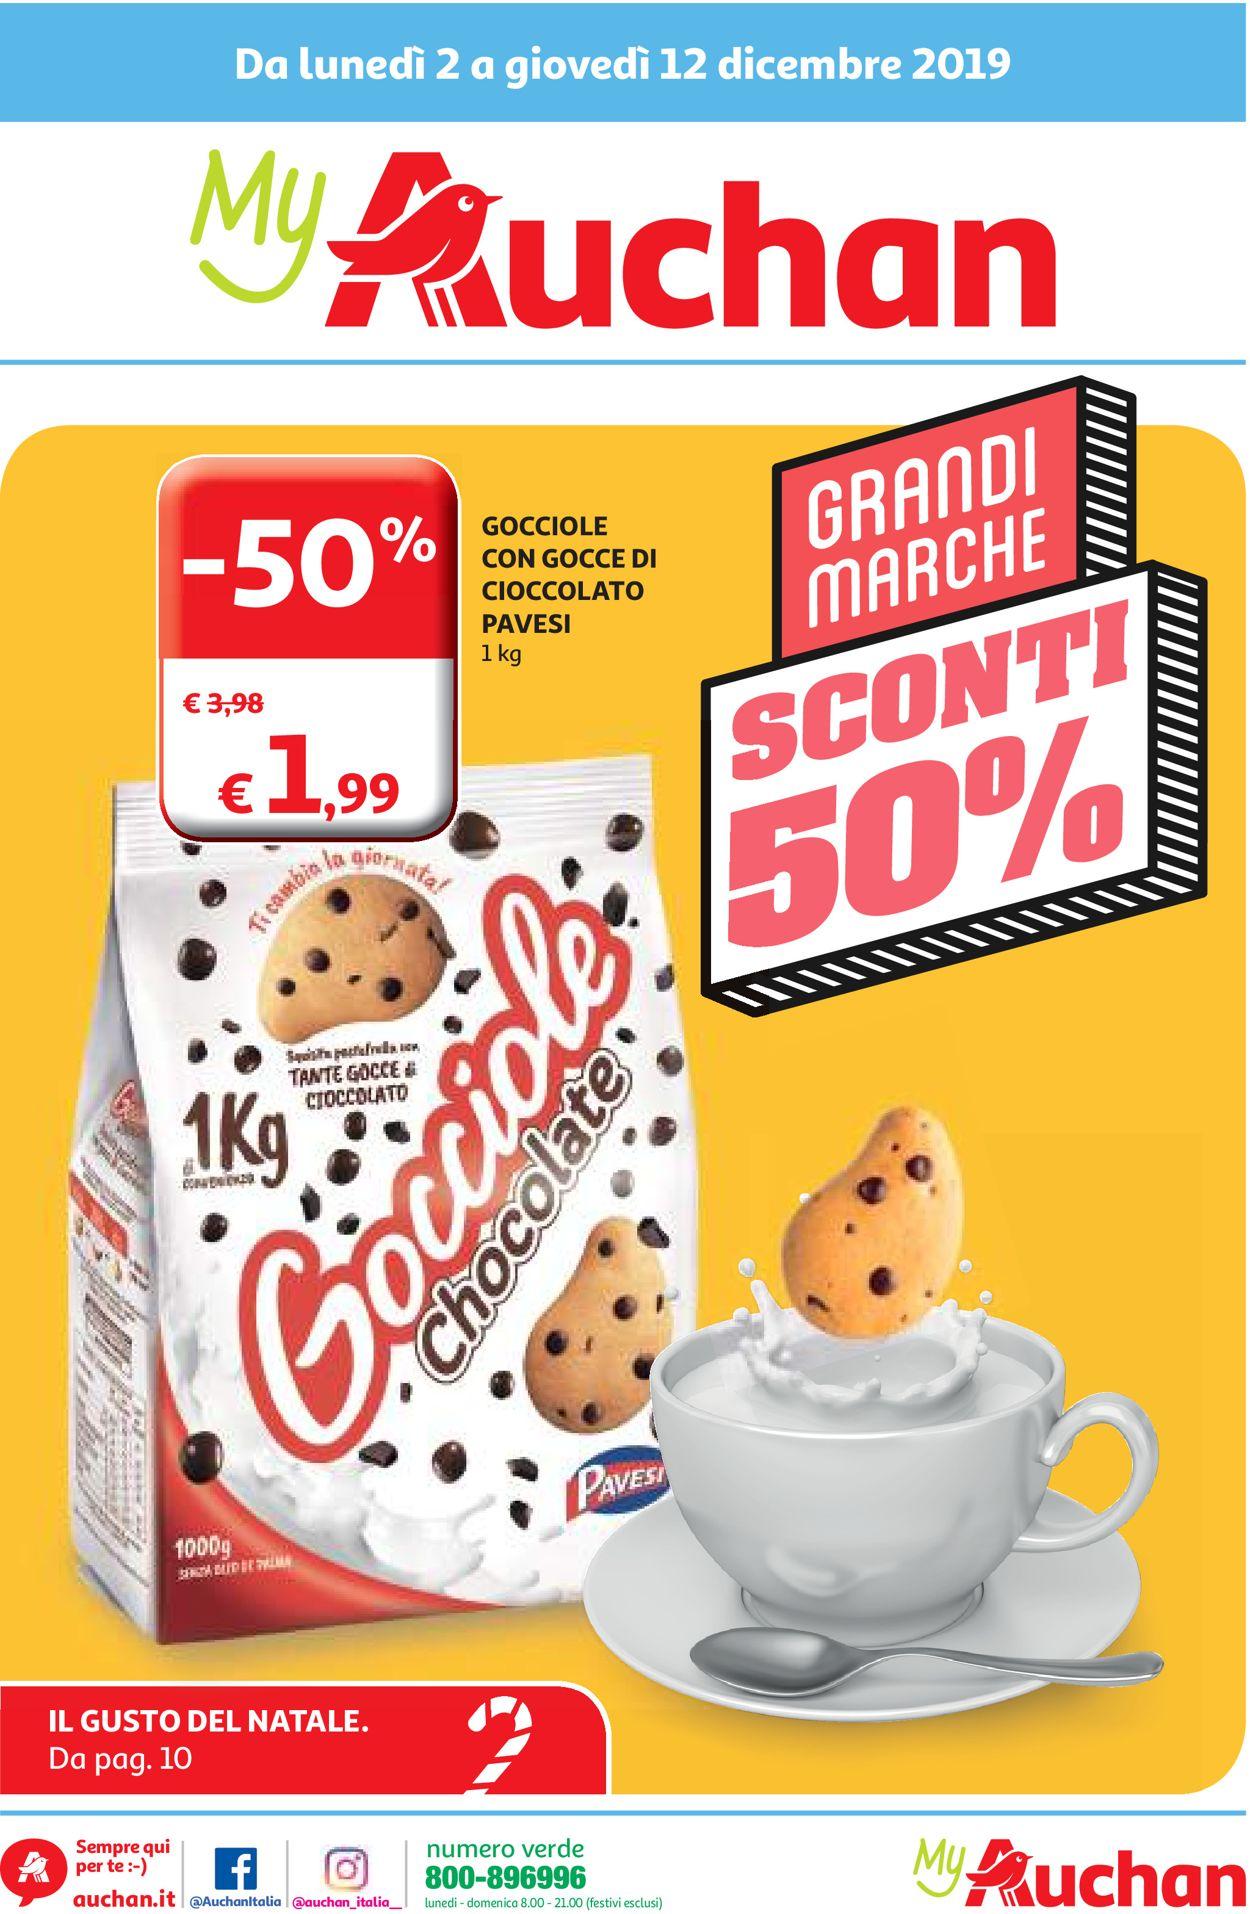 Volantino Auchan - Offerte 02/12-12/12/2019